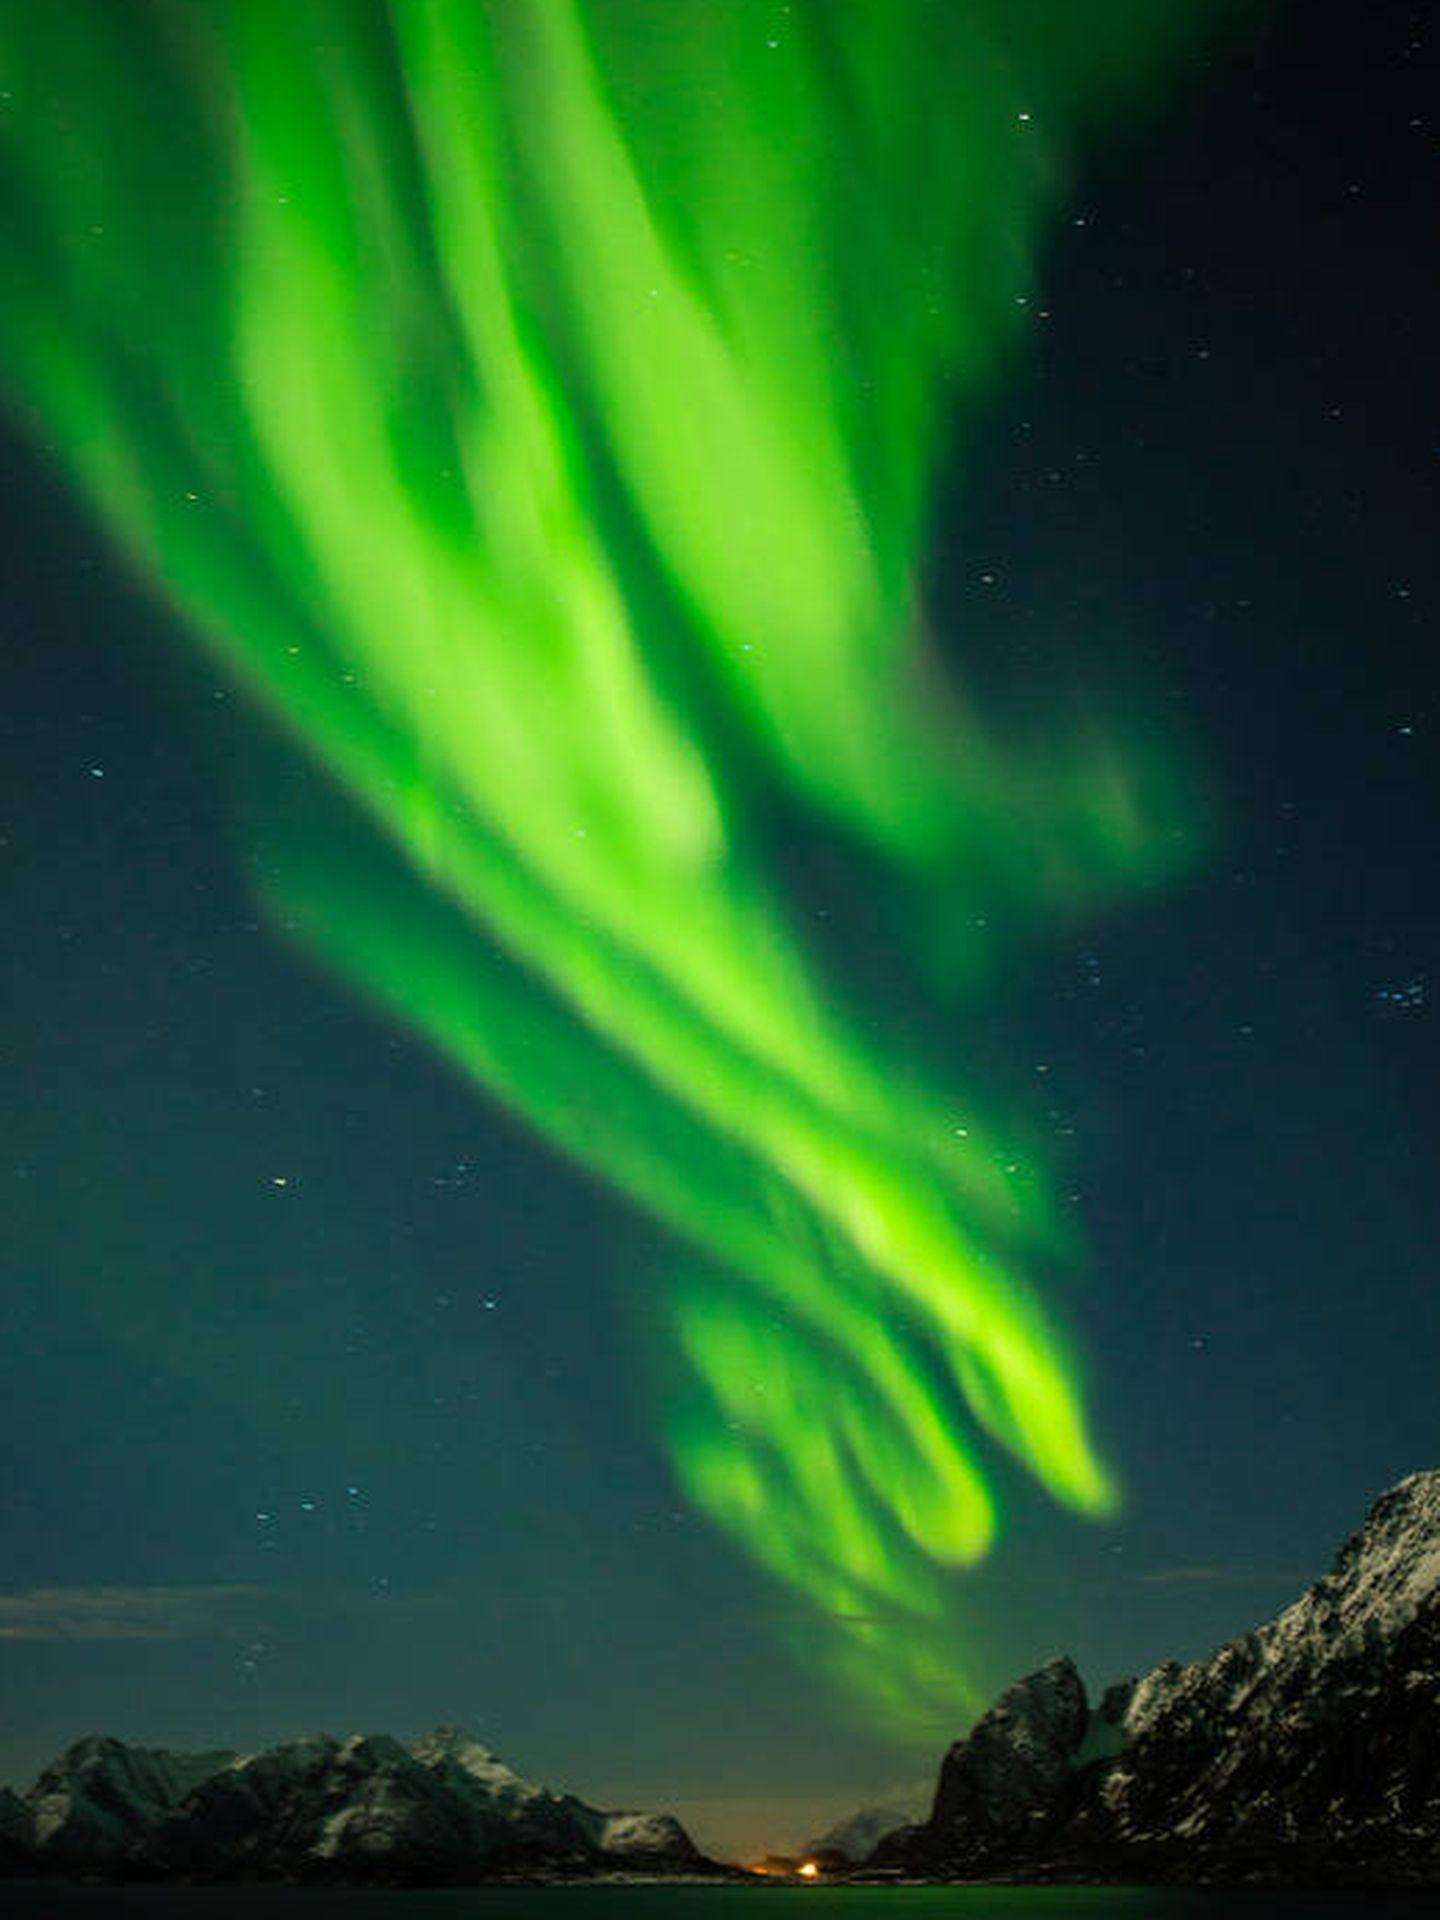 La espectacular aurora boreal sobre el cielo de Noruega.